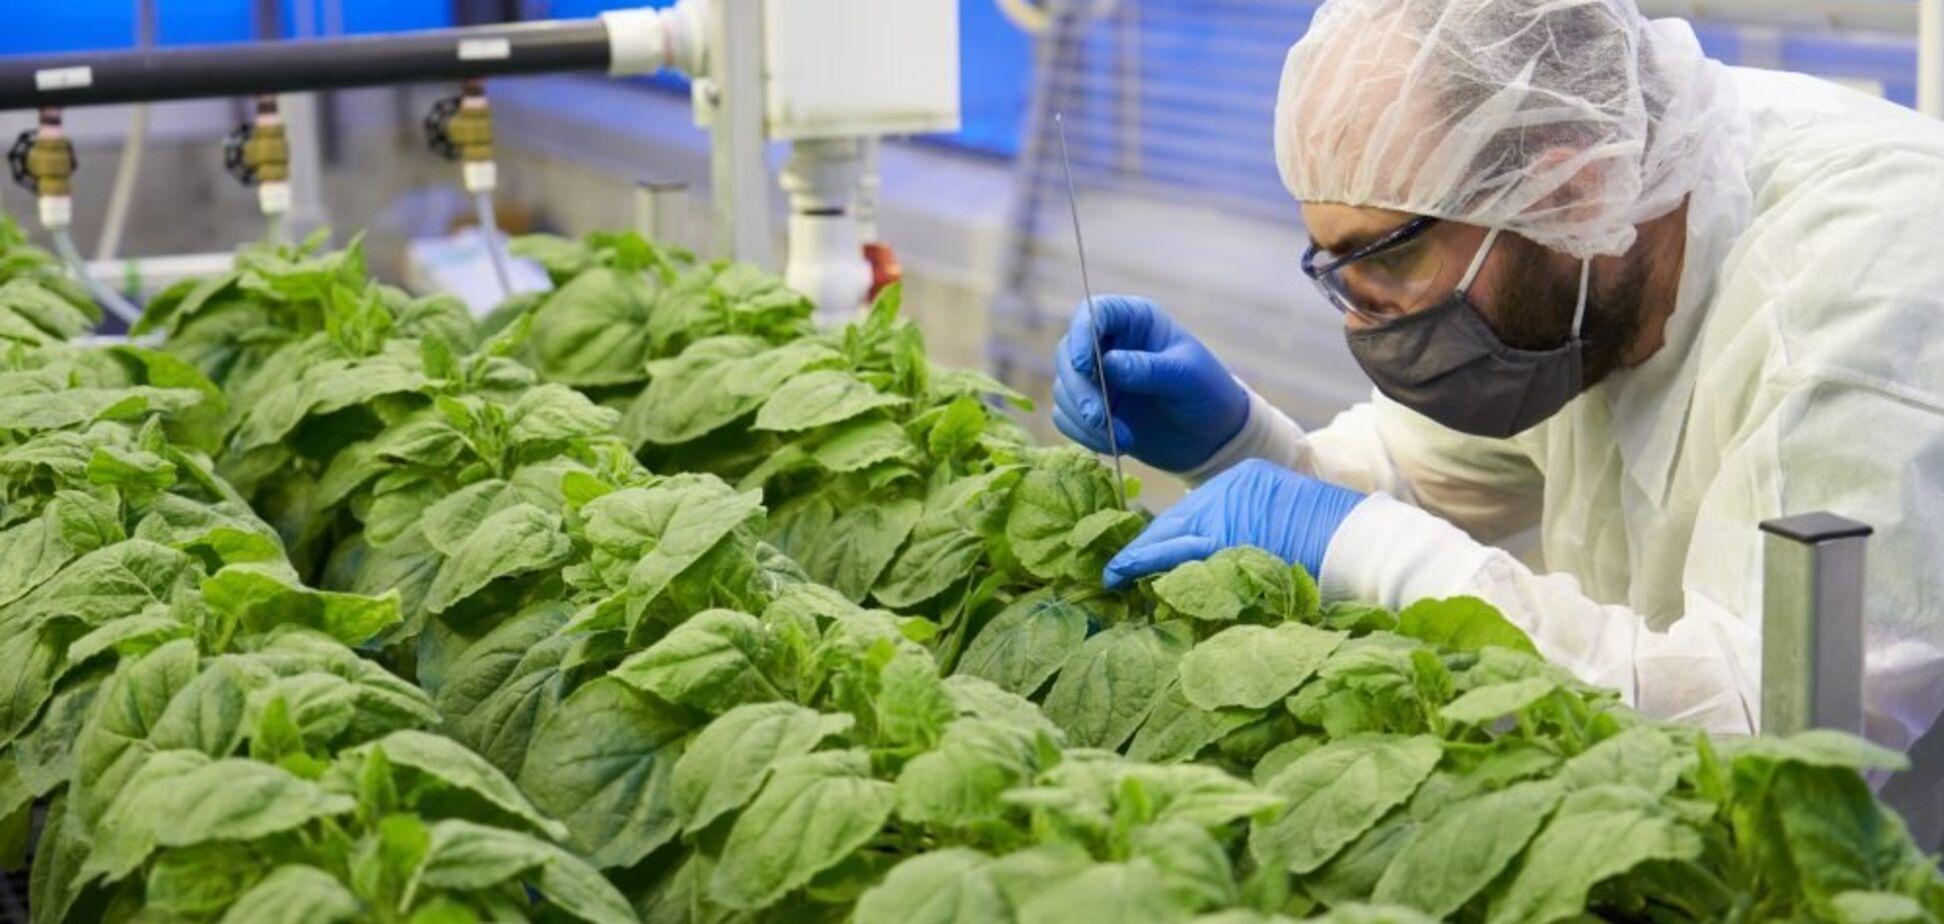 Вакцини від COVID-19 можна вирощувати на тютюновому заводі